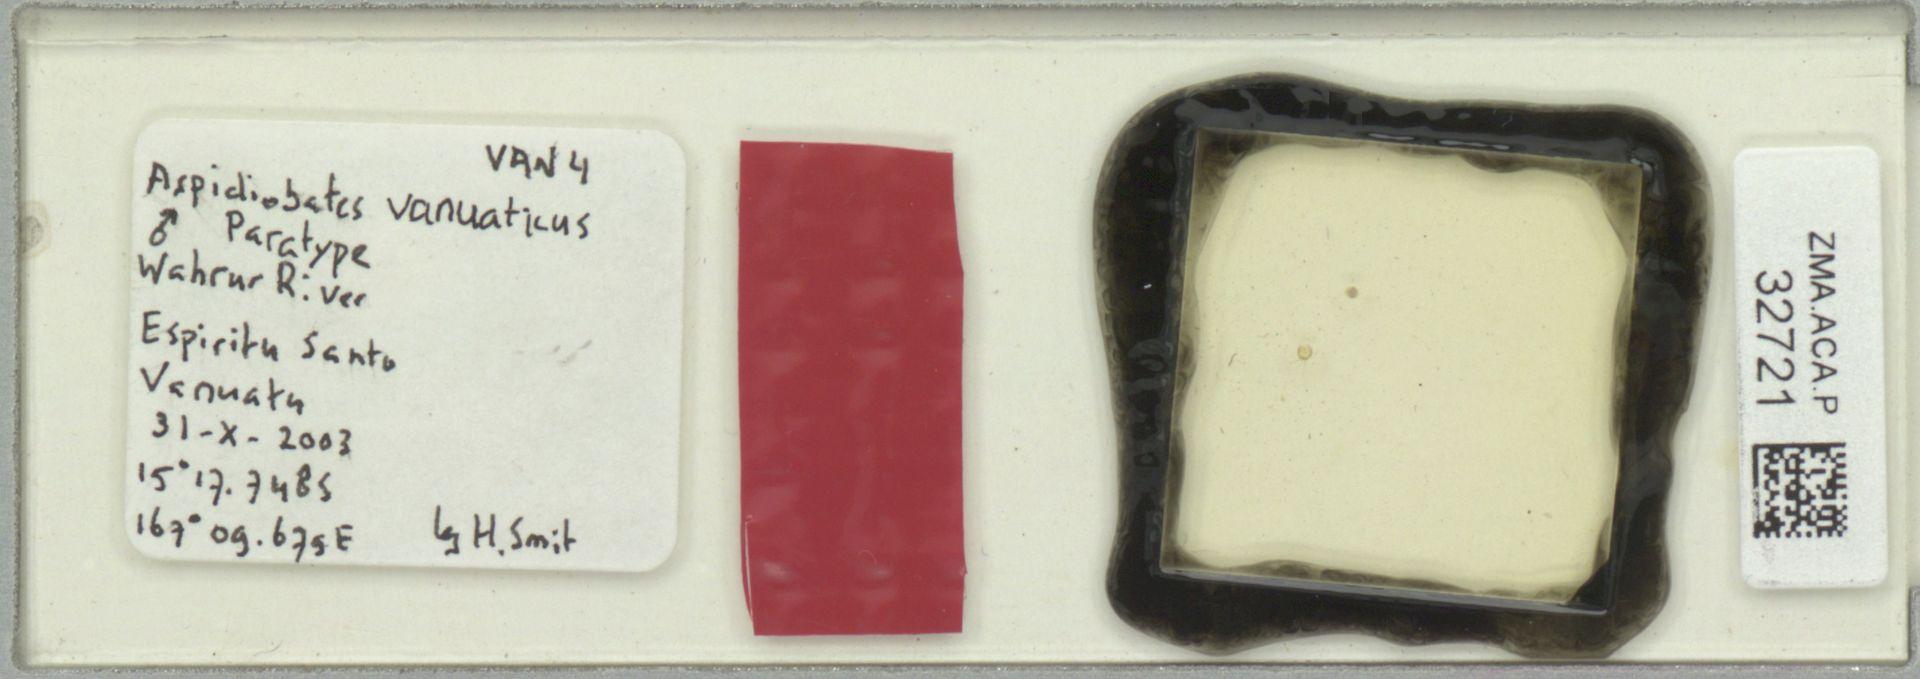 ZMA.ACA.P.32721 | Aspidiobates vanuaticus Smit, 2004